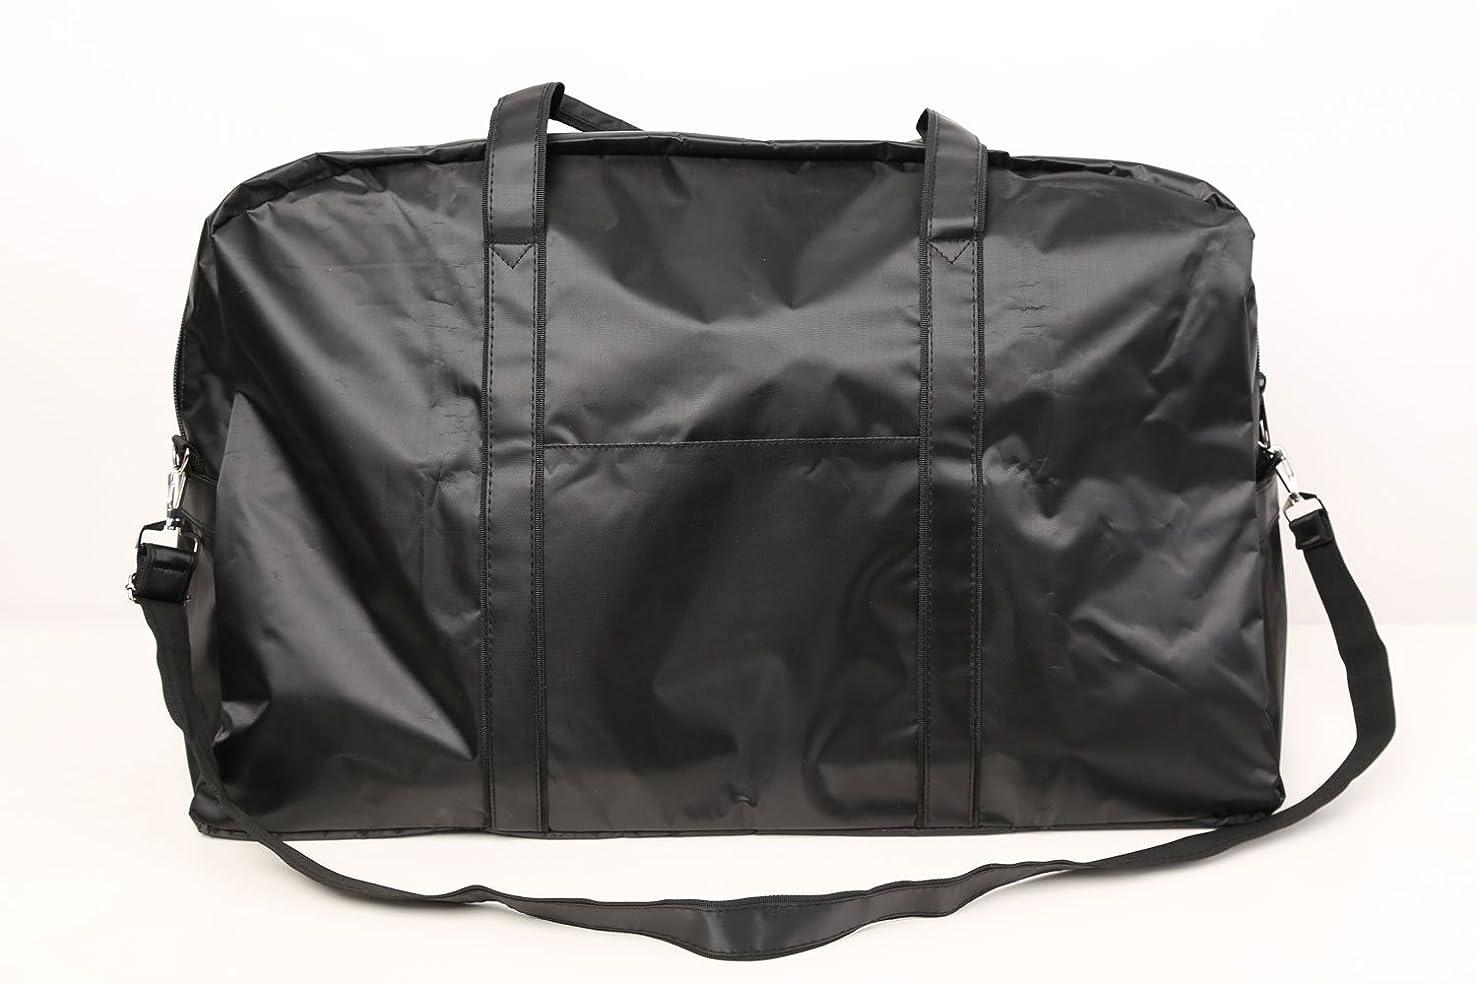 ダーツテレビ暴露カットウィッグ用バッグ 大容量 軽量 ナイロンバッグ ブラック XRDB-1